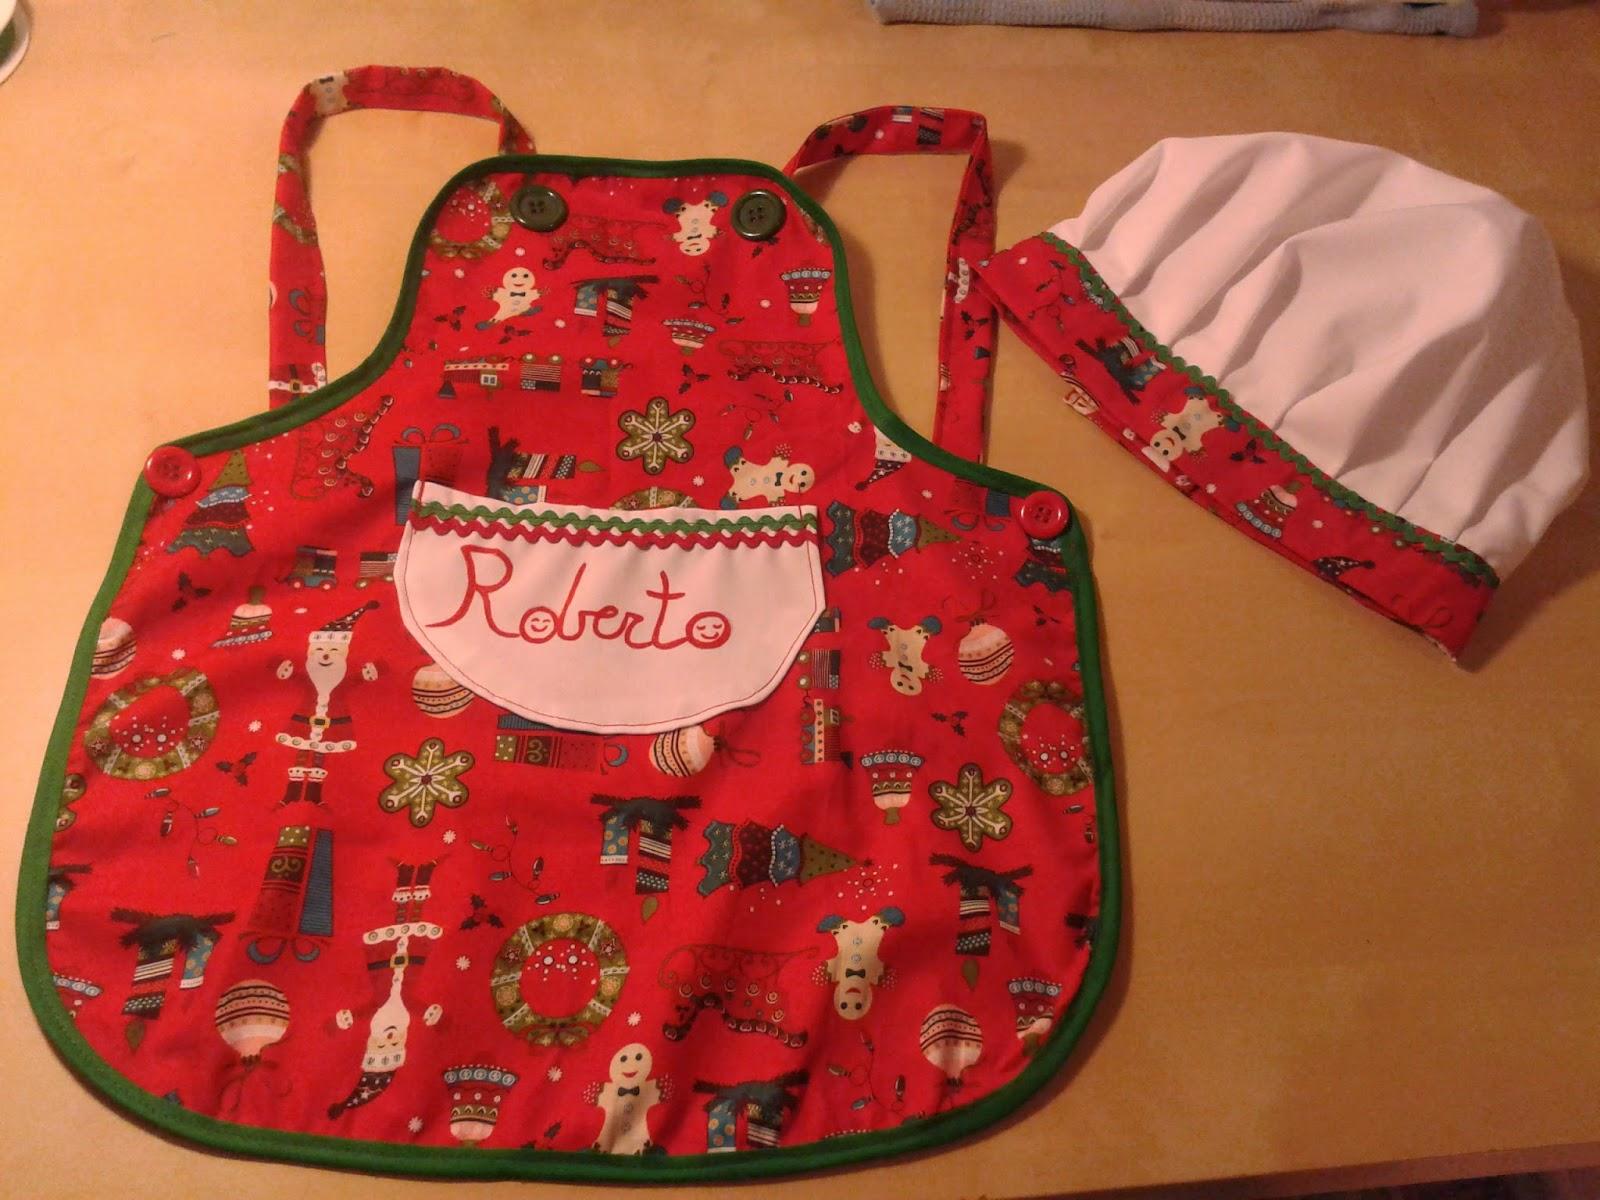 Las cositas de marga delantal y gorro de cocinero for Cocina navidad con ninos